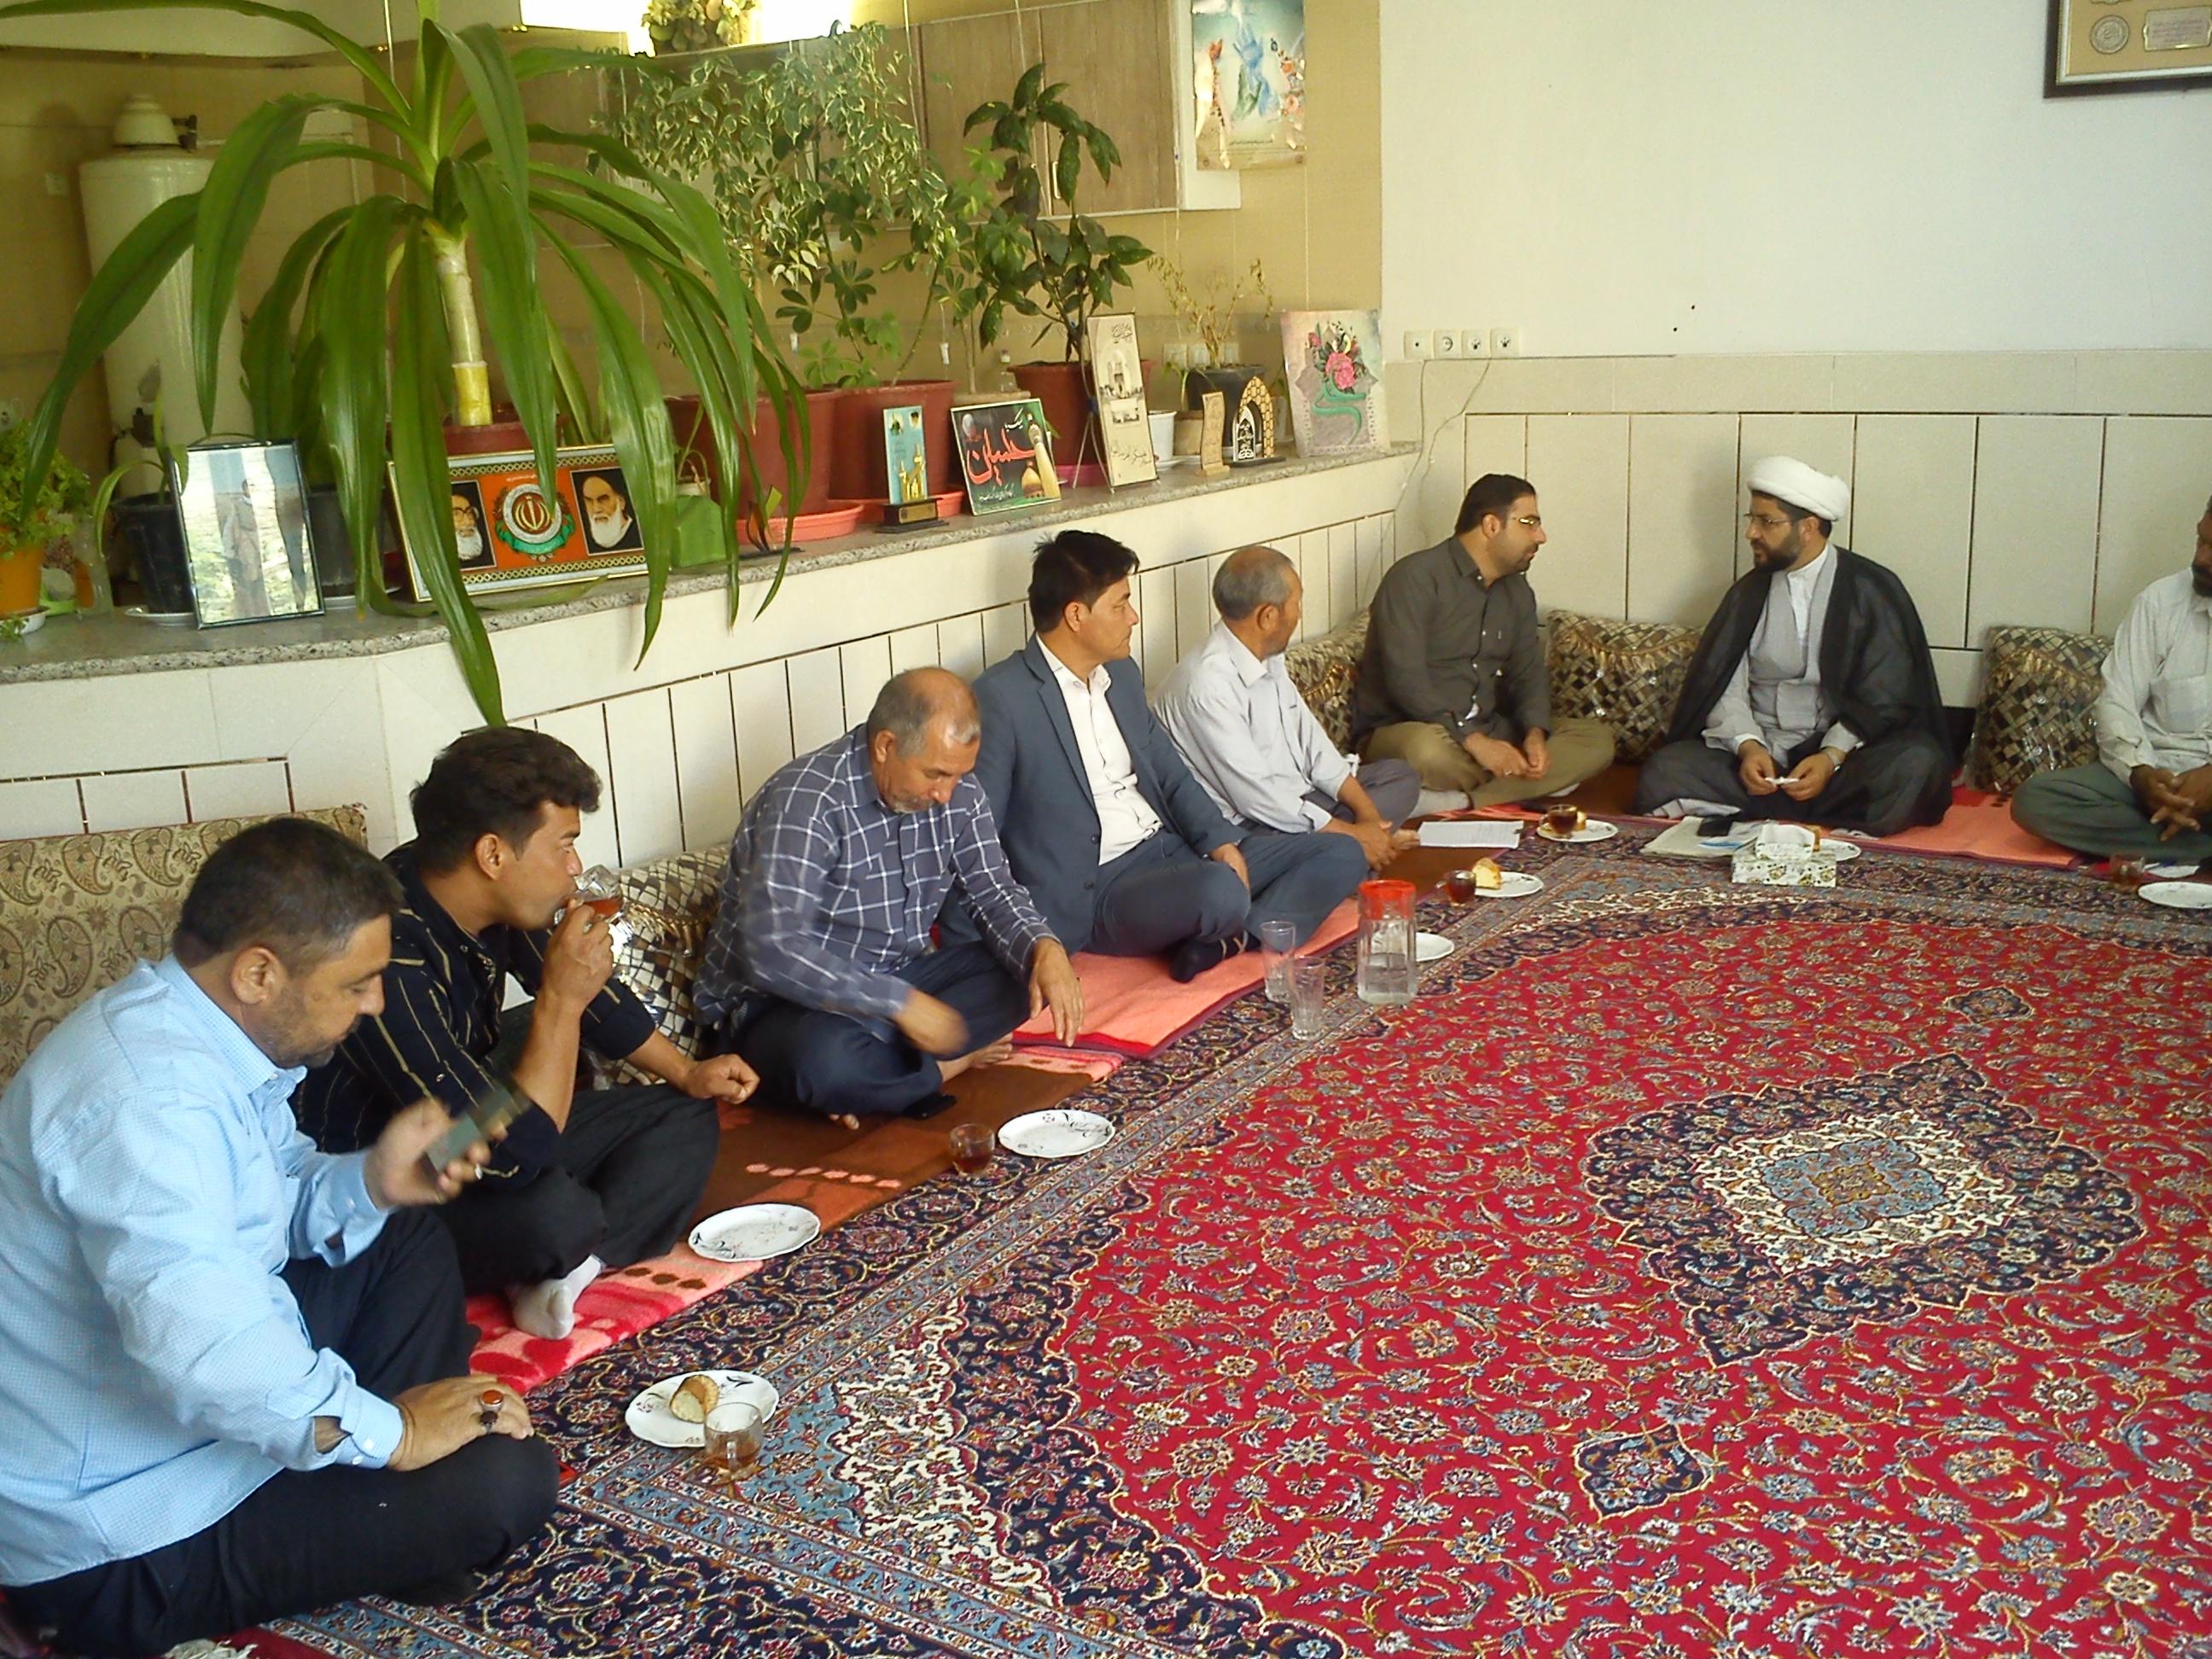 جلسه هماهنگی همایش بزرگ مدافعان حرم با حضور امام جمعه محترم شهر قهدریجان و جمعی از لشگر فاطمیون